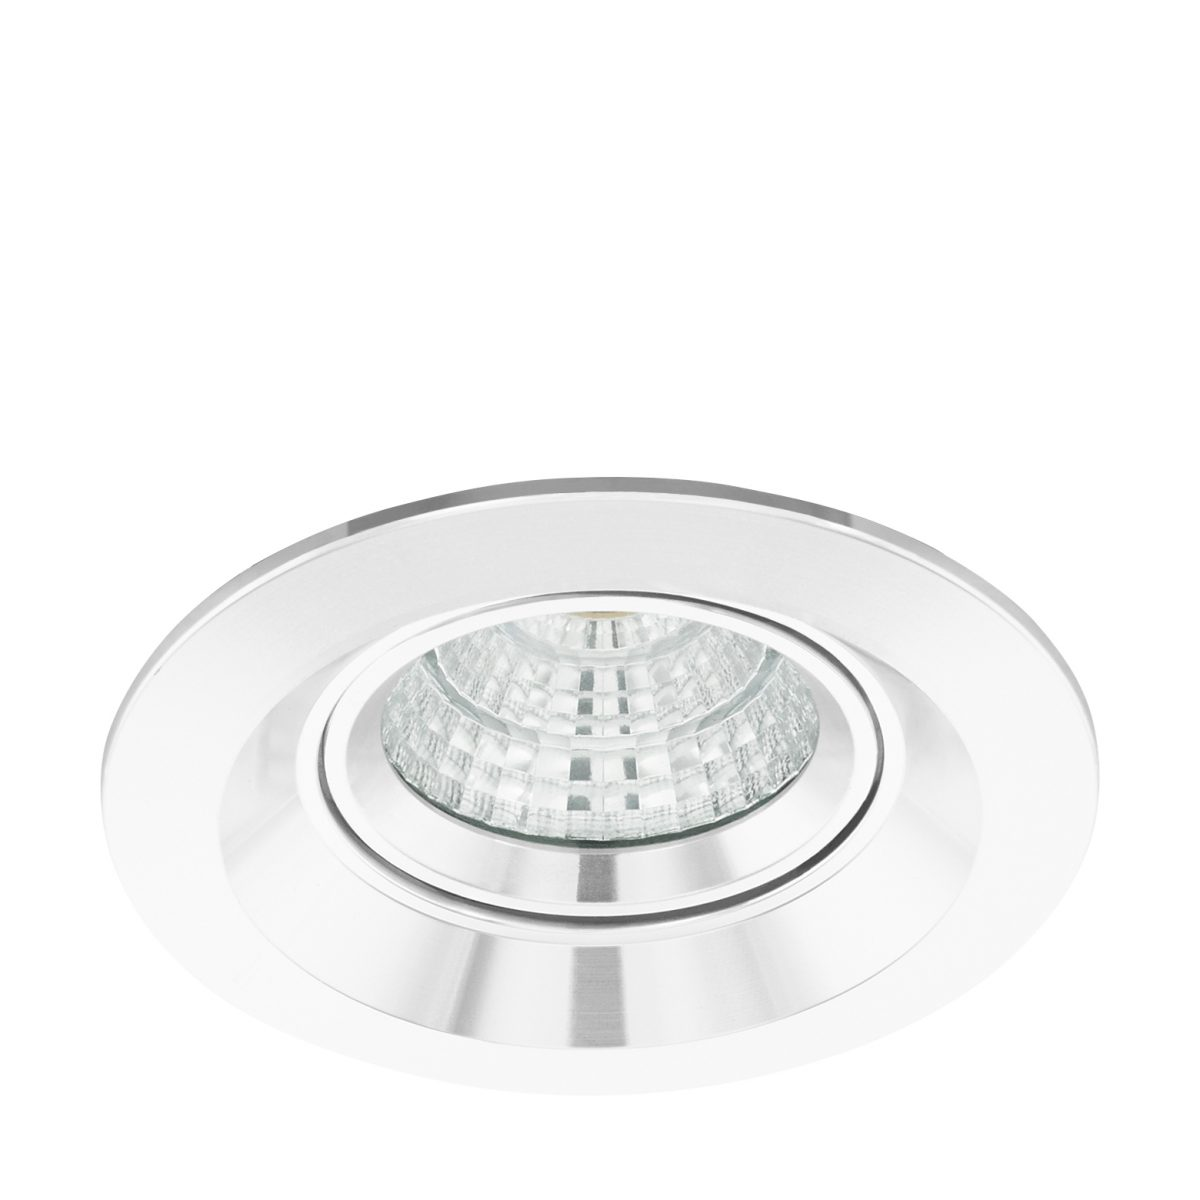 Светильник настенно-потолочный TALVERA P/PROFESSIO EGLO 61545 - Фото №28